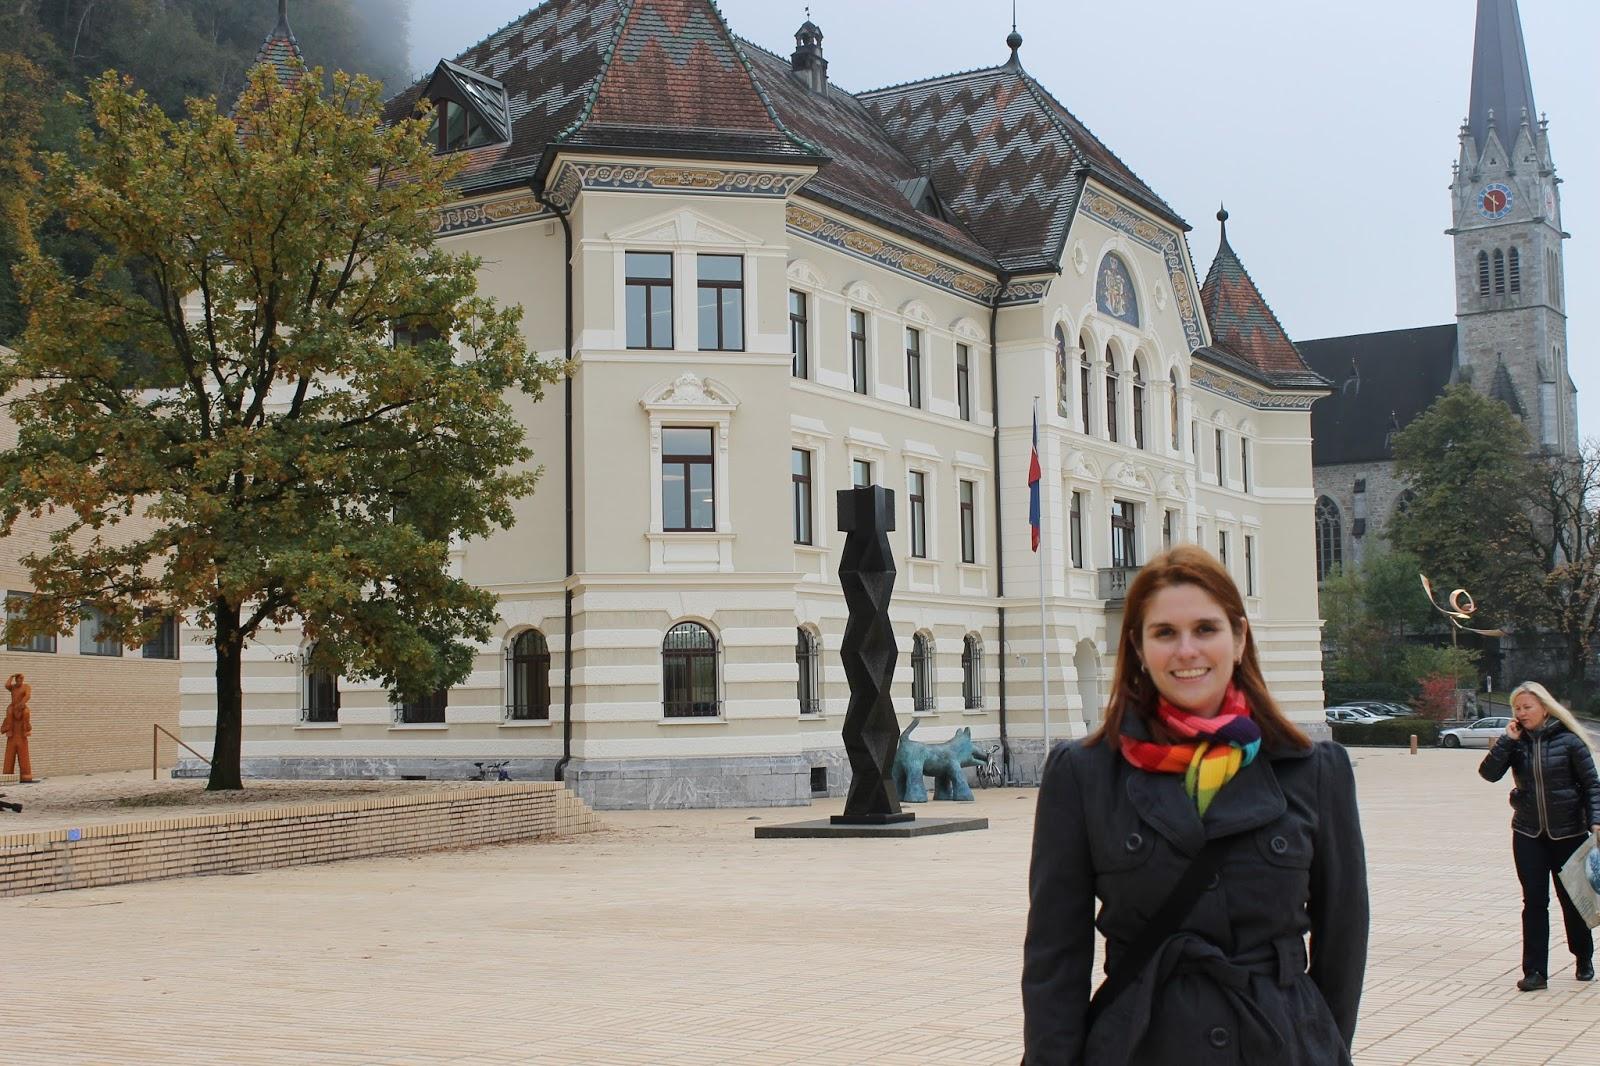 Prefeitura de Vaduz- Liechtenstein